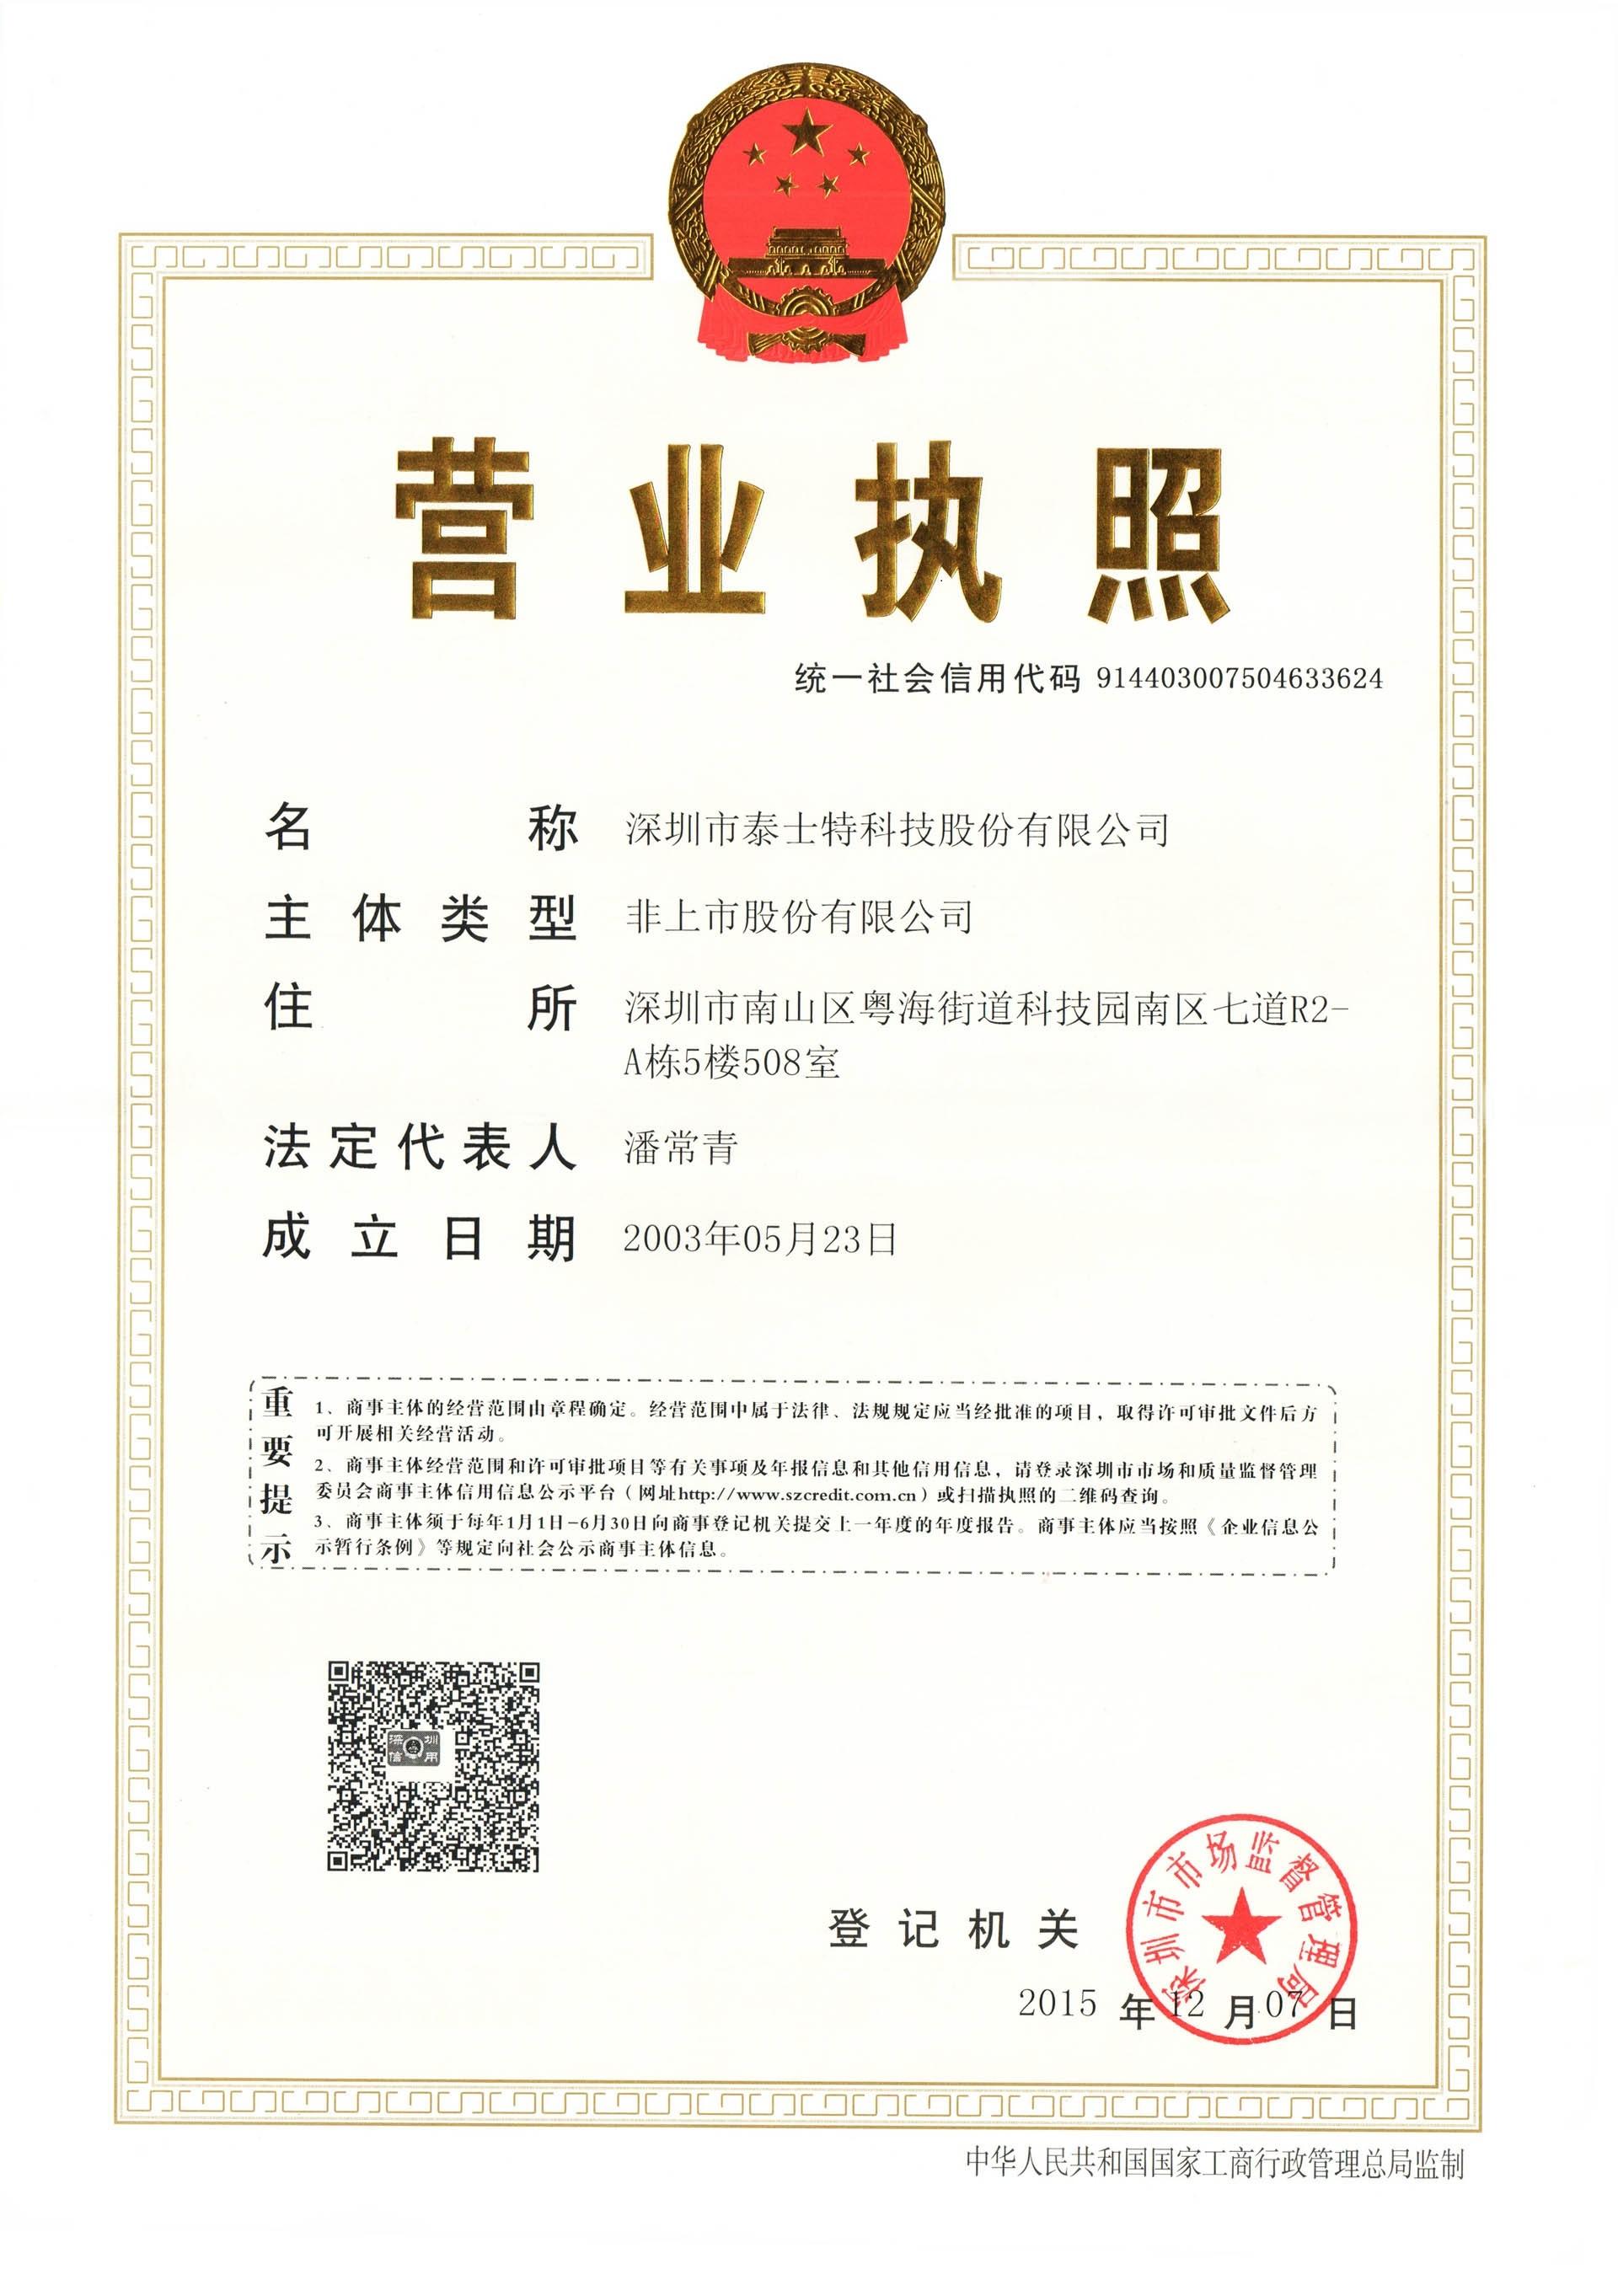 深圳市泰士特科技股份有限公司